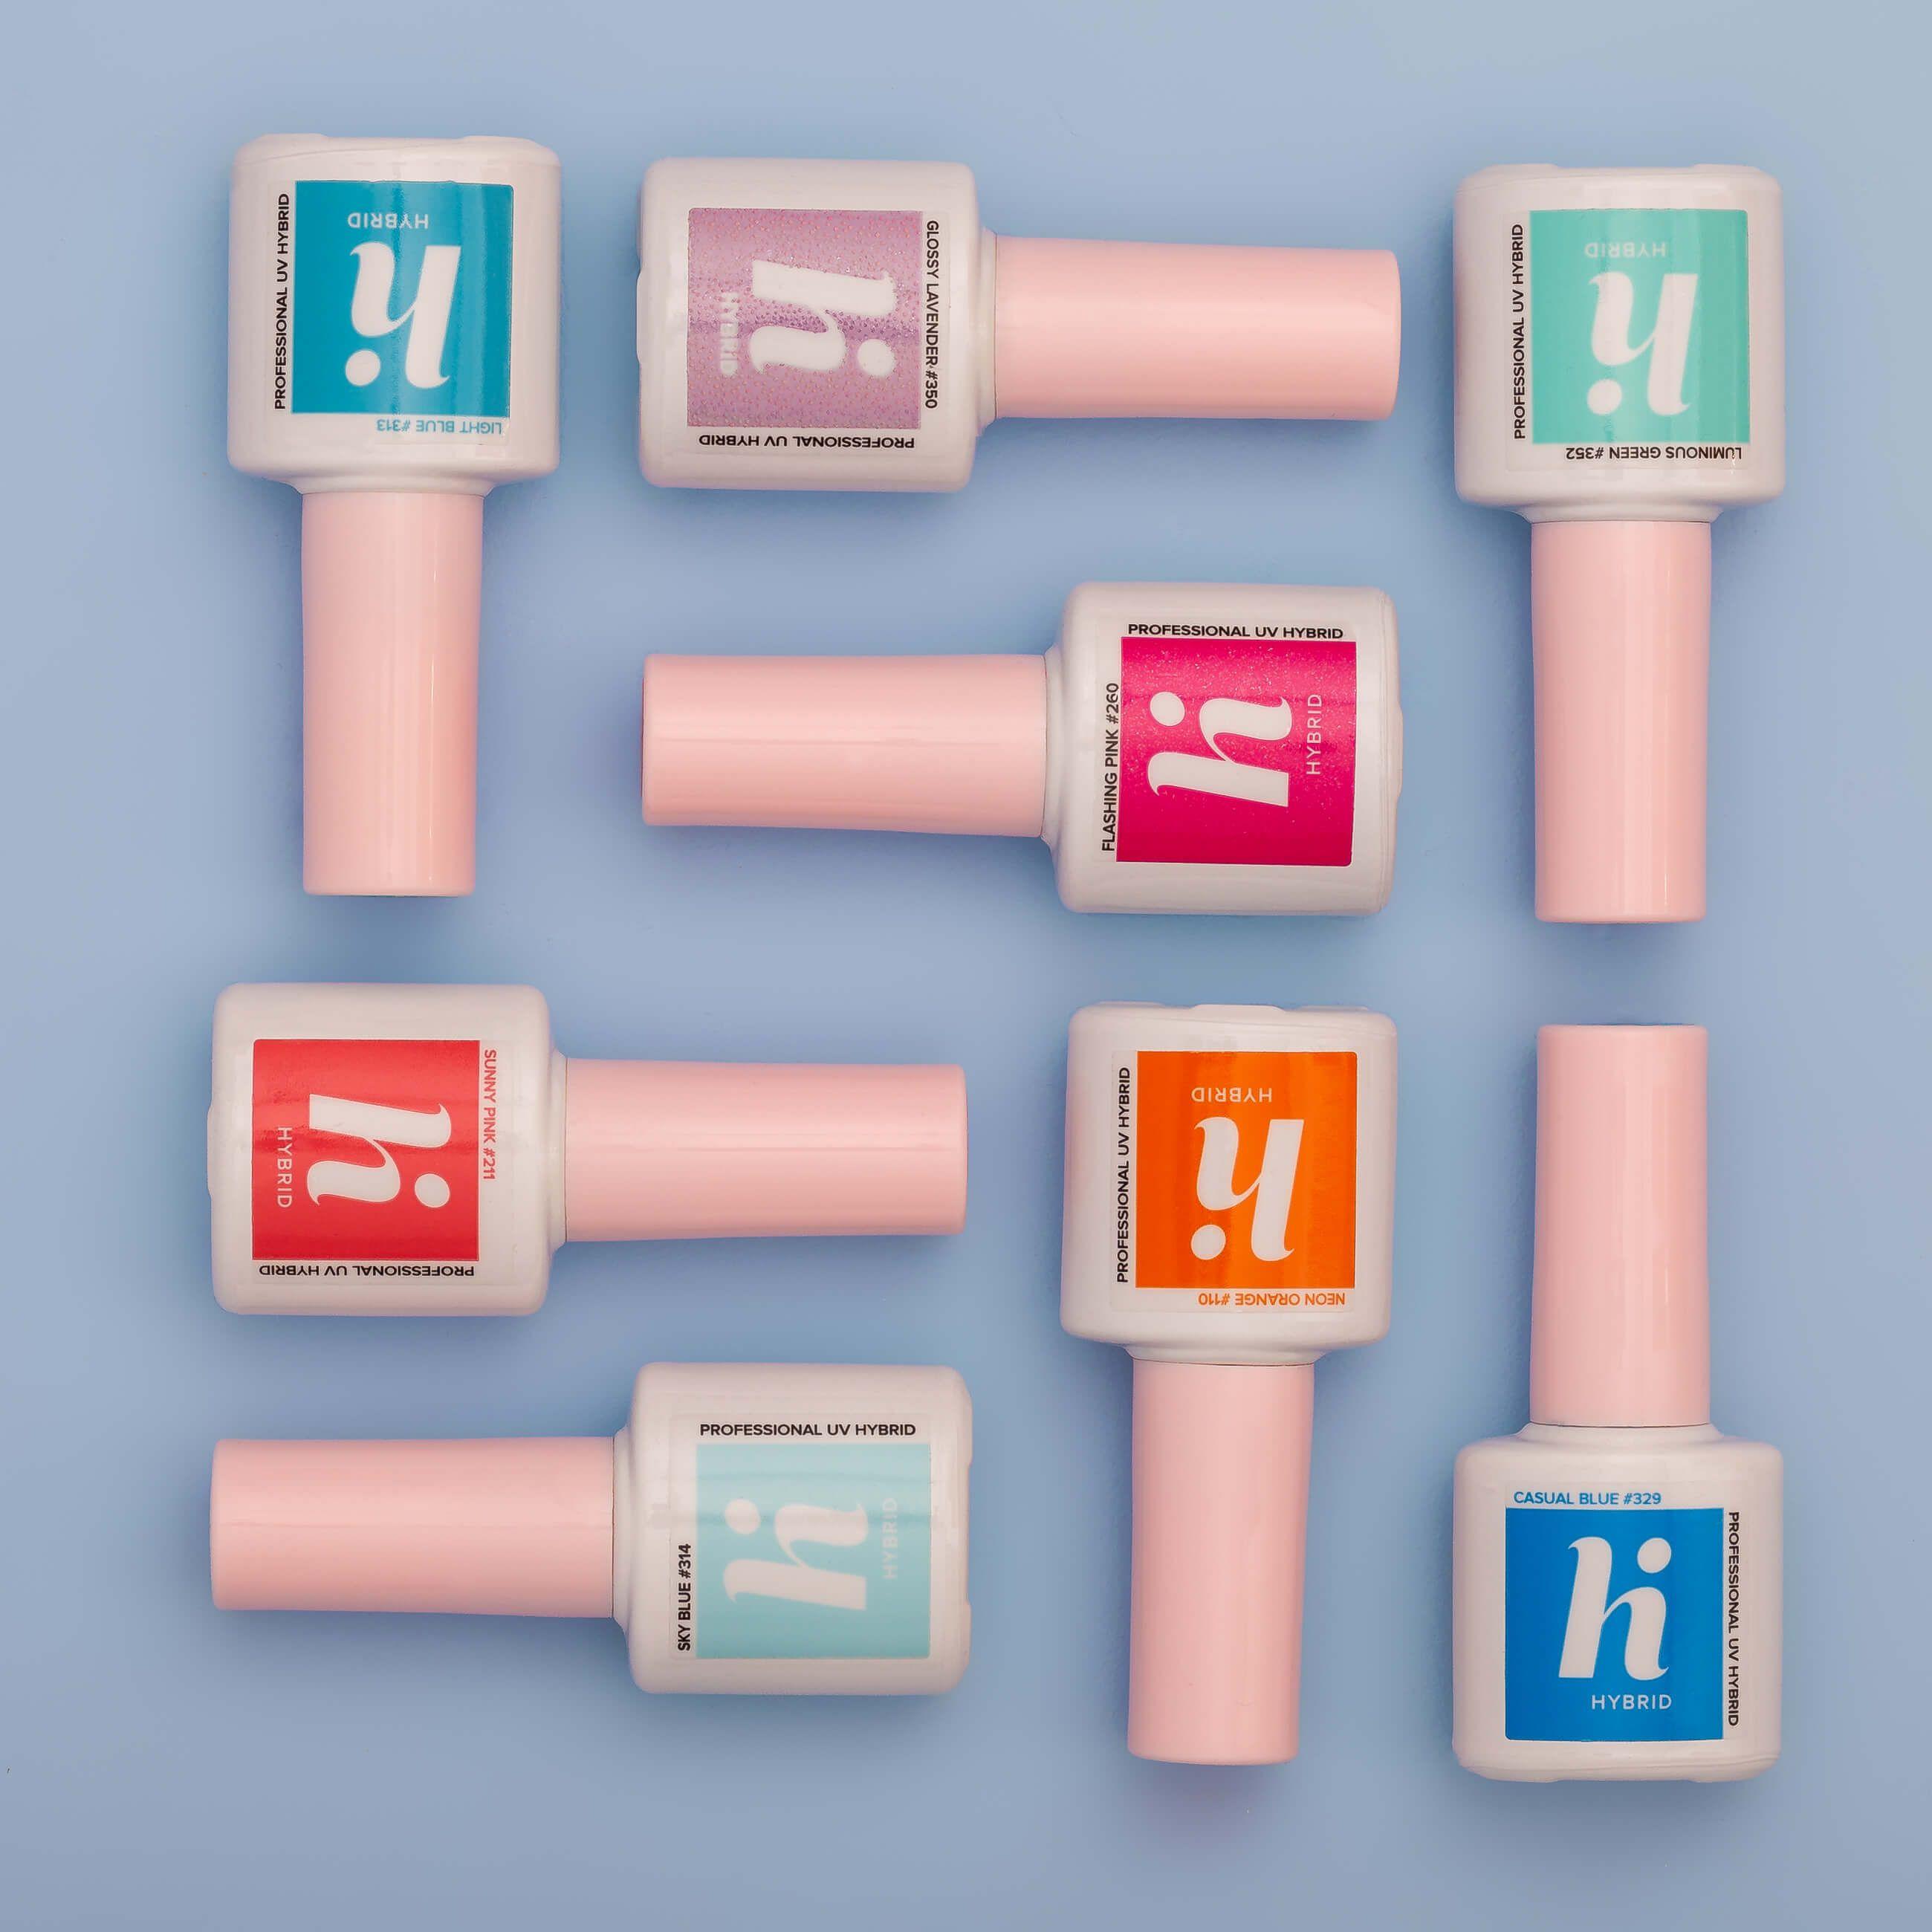 Zdjęcie produktowe hybrydowych lakierów do paznokci marki Hi